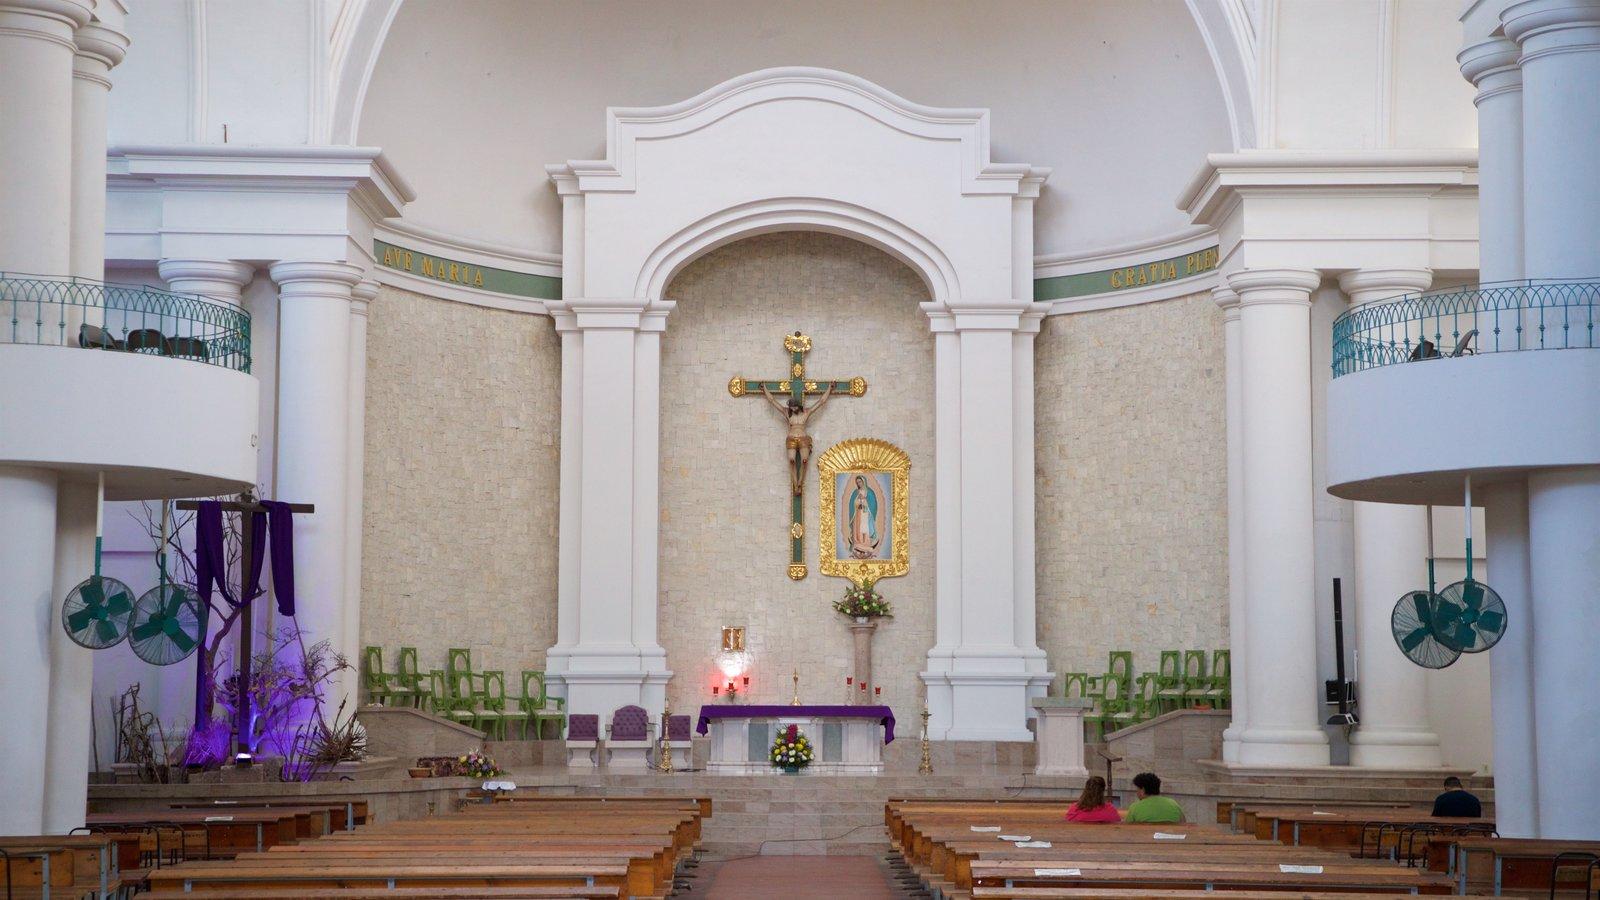 Santuario de la Virgen de Guadalupe que incluye vistas interiores y una iglesia o catedral